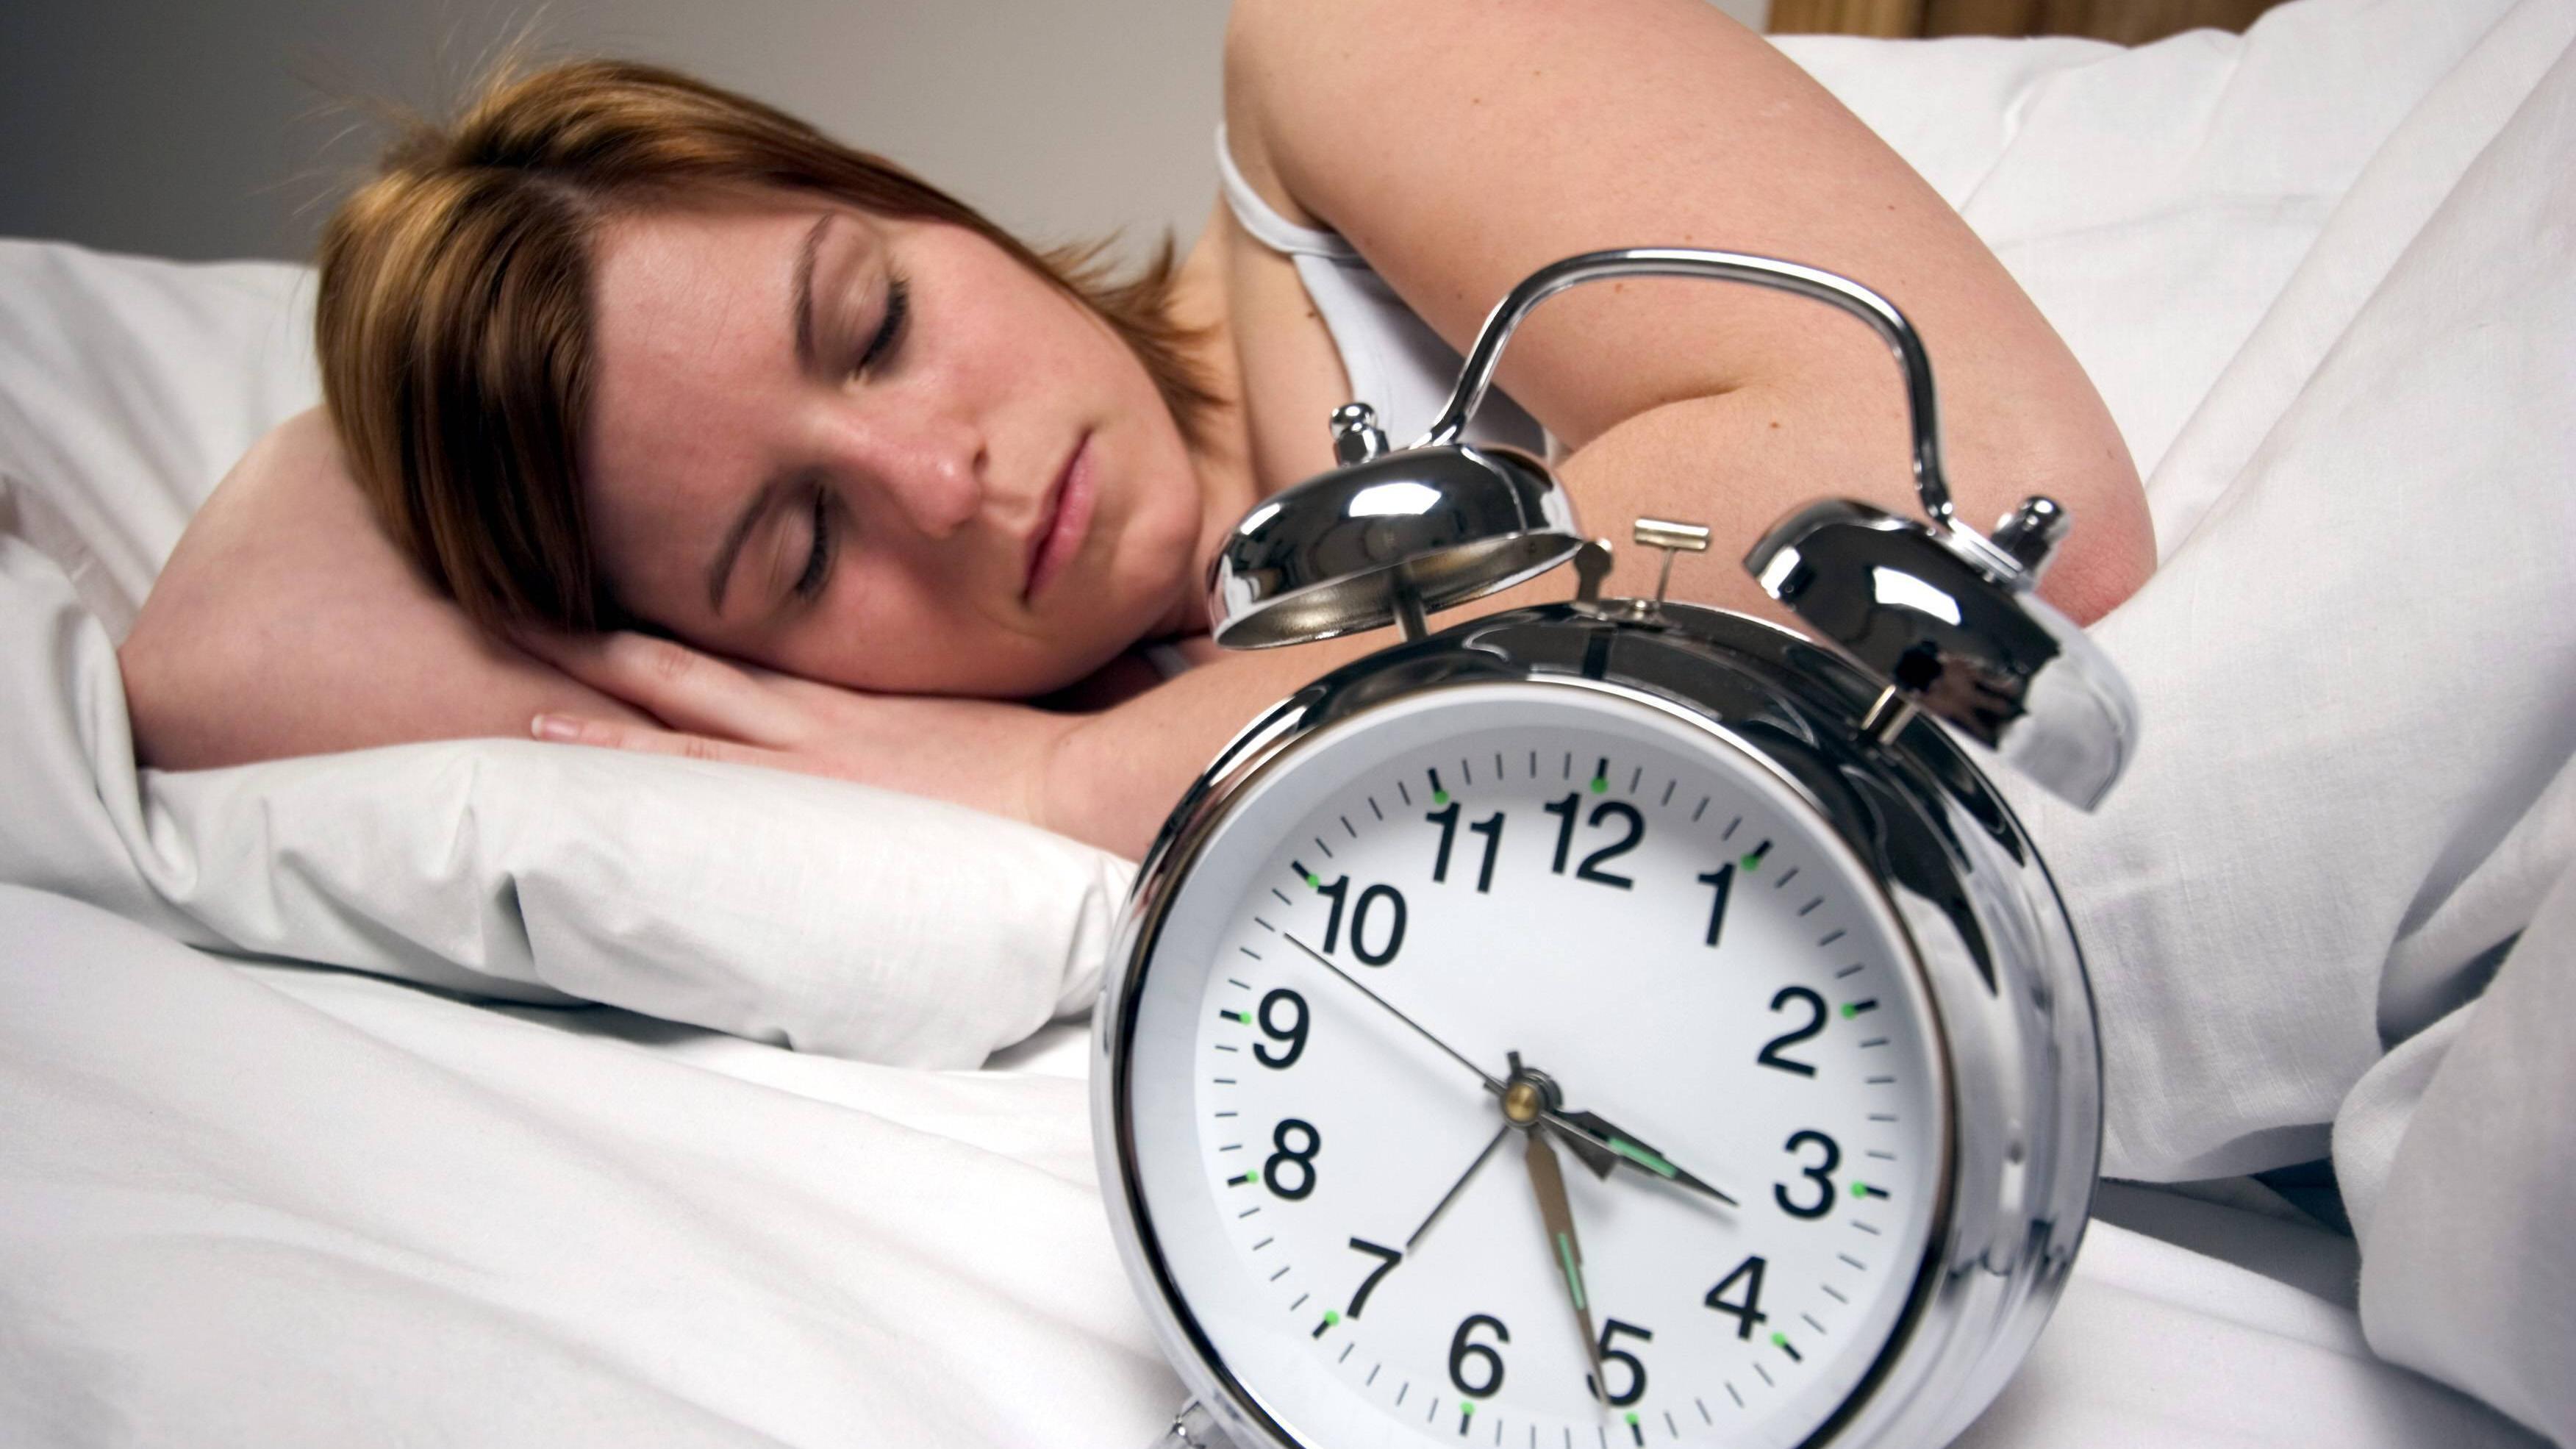 Schlafen Sie zu wenig, können sich bestimmte Hormone nachteilig auf das Abnehmen auswirken.